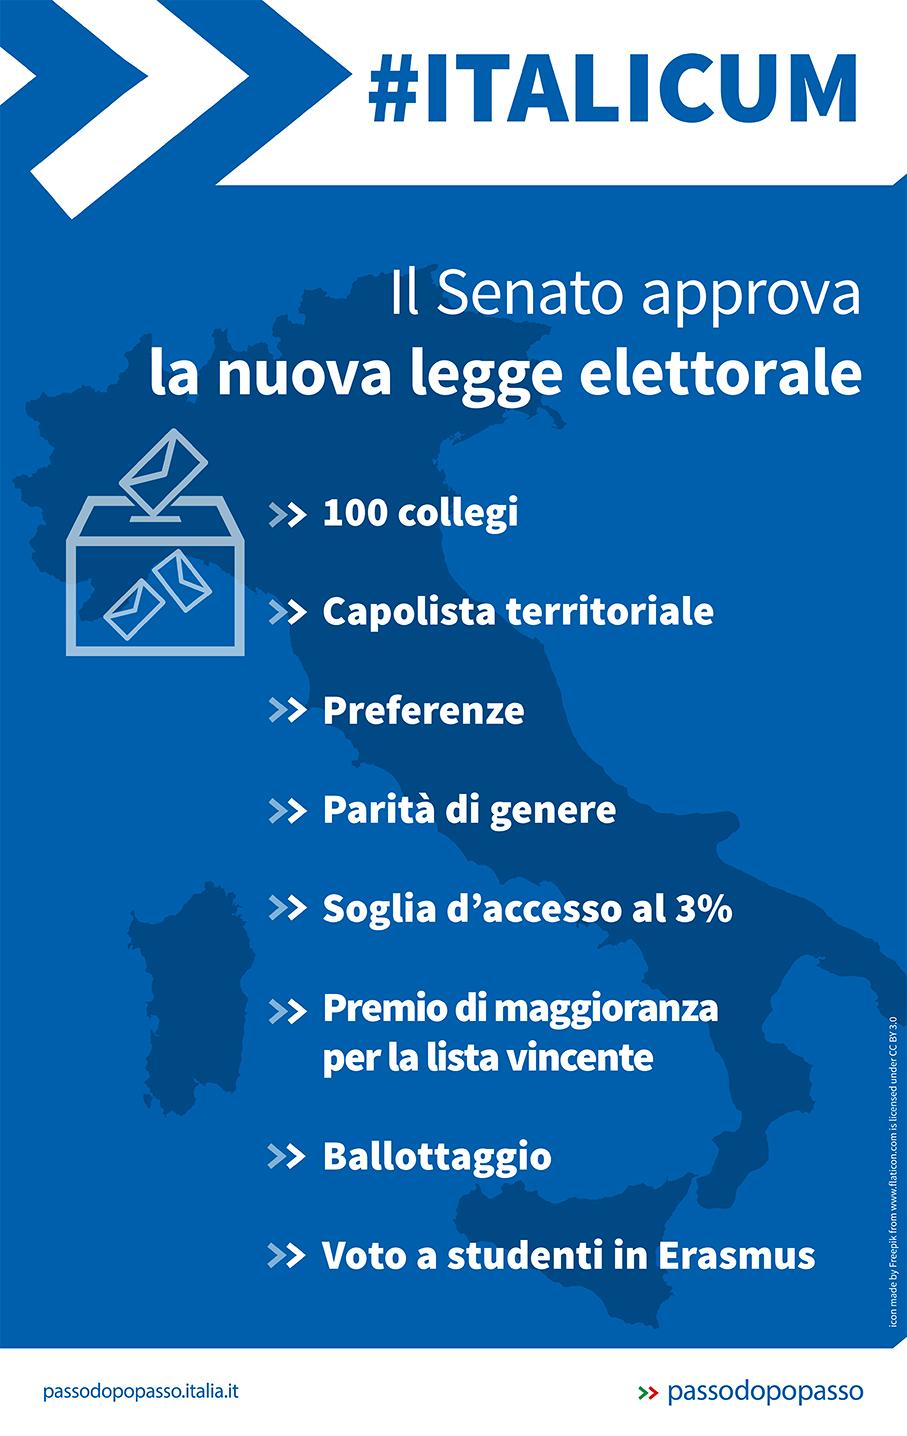 Infografica: # Italicum. Il Senato approva la nuova legge elettorale